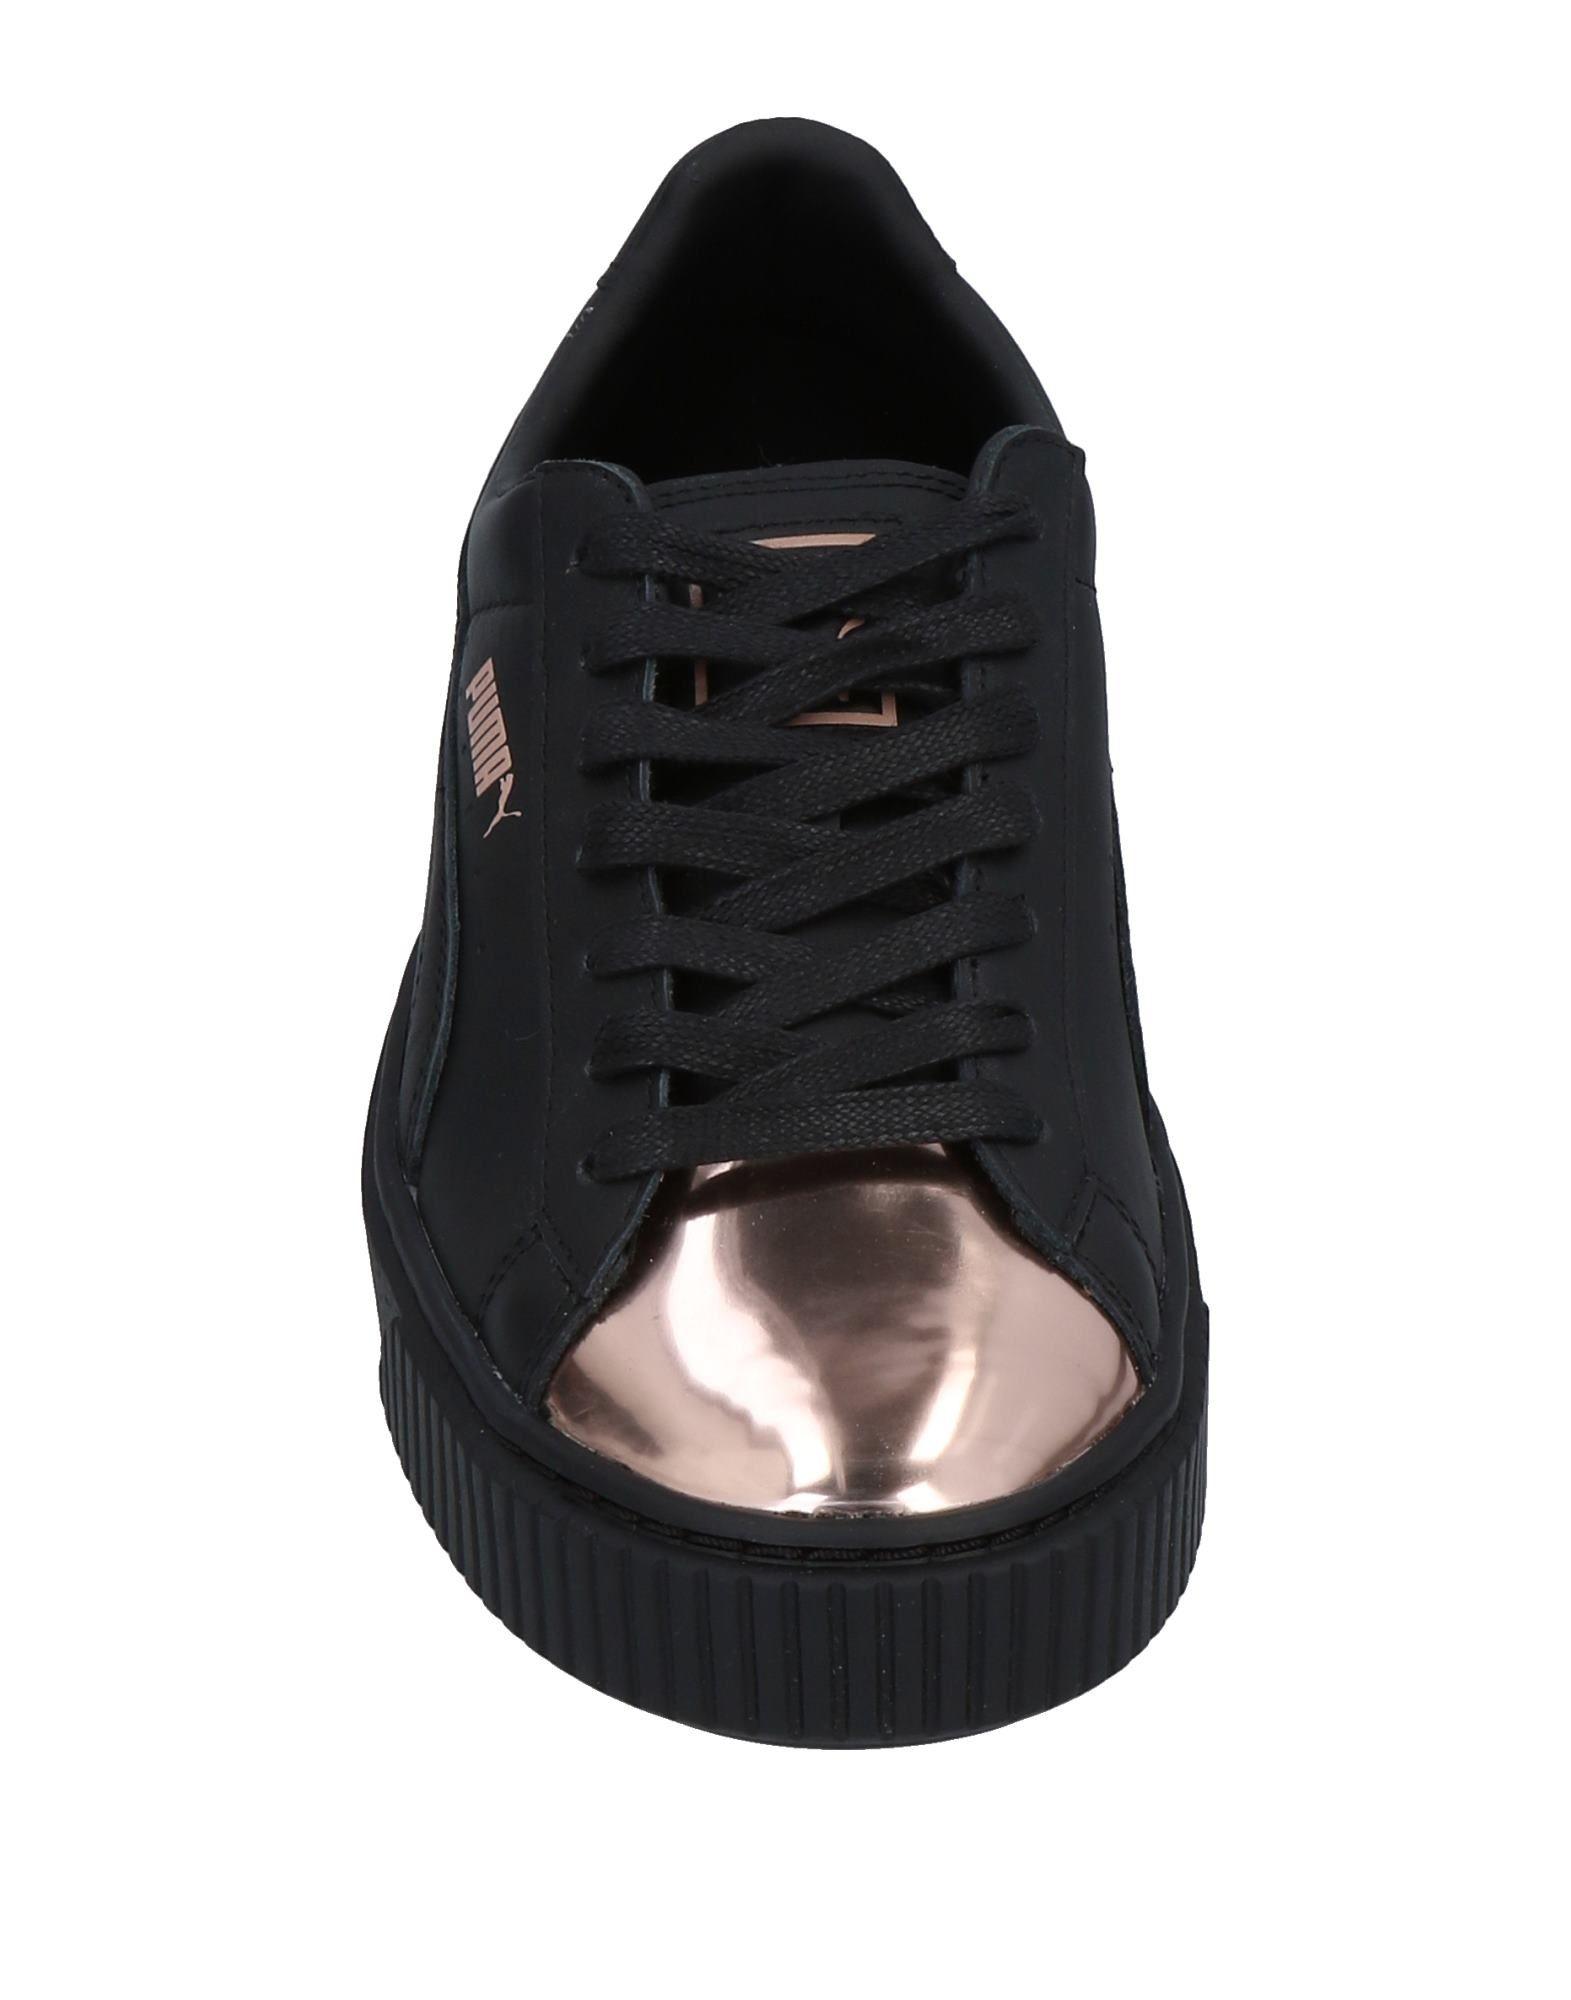 Stilvolle billige  Schuhe Puma Sneakers Damen  billige 11486580UL 140aad